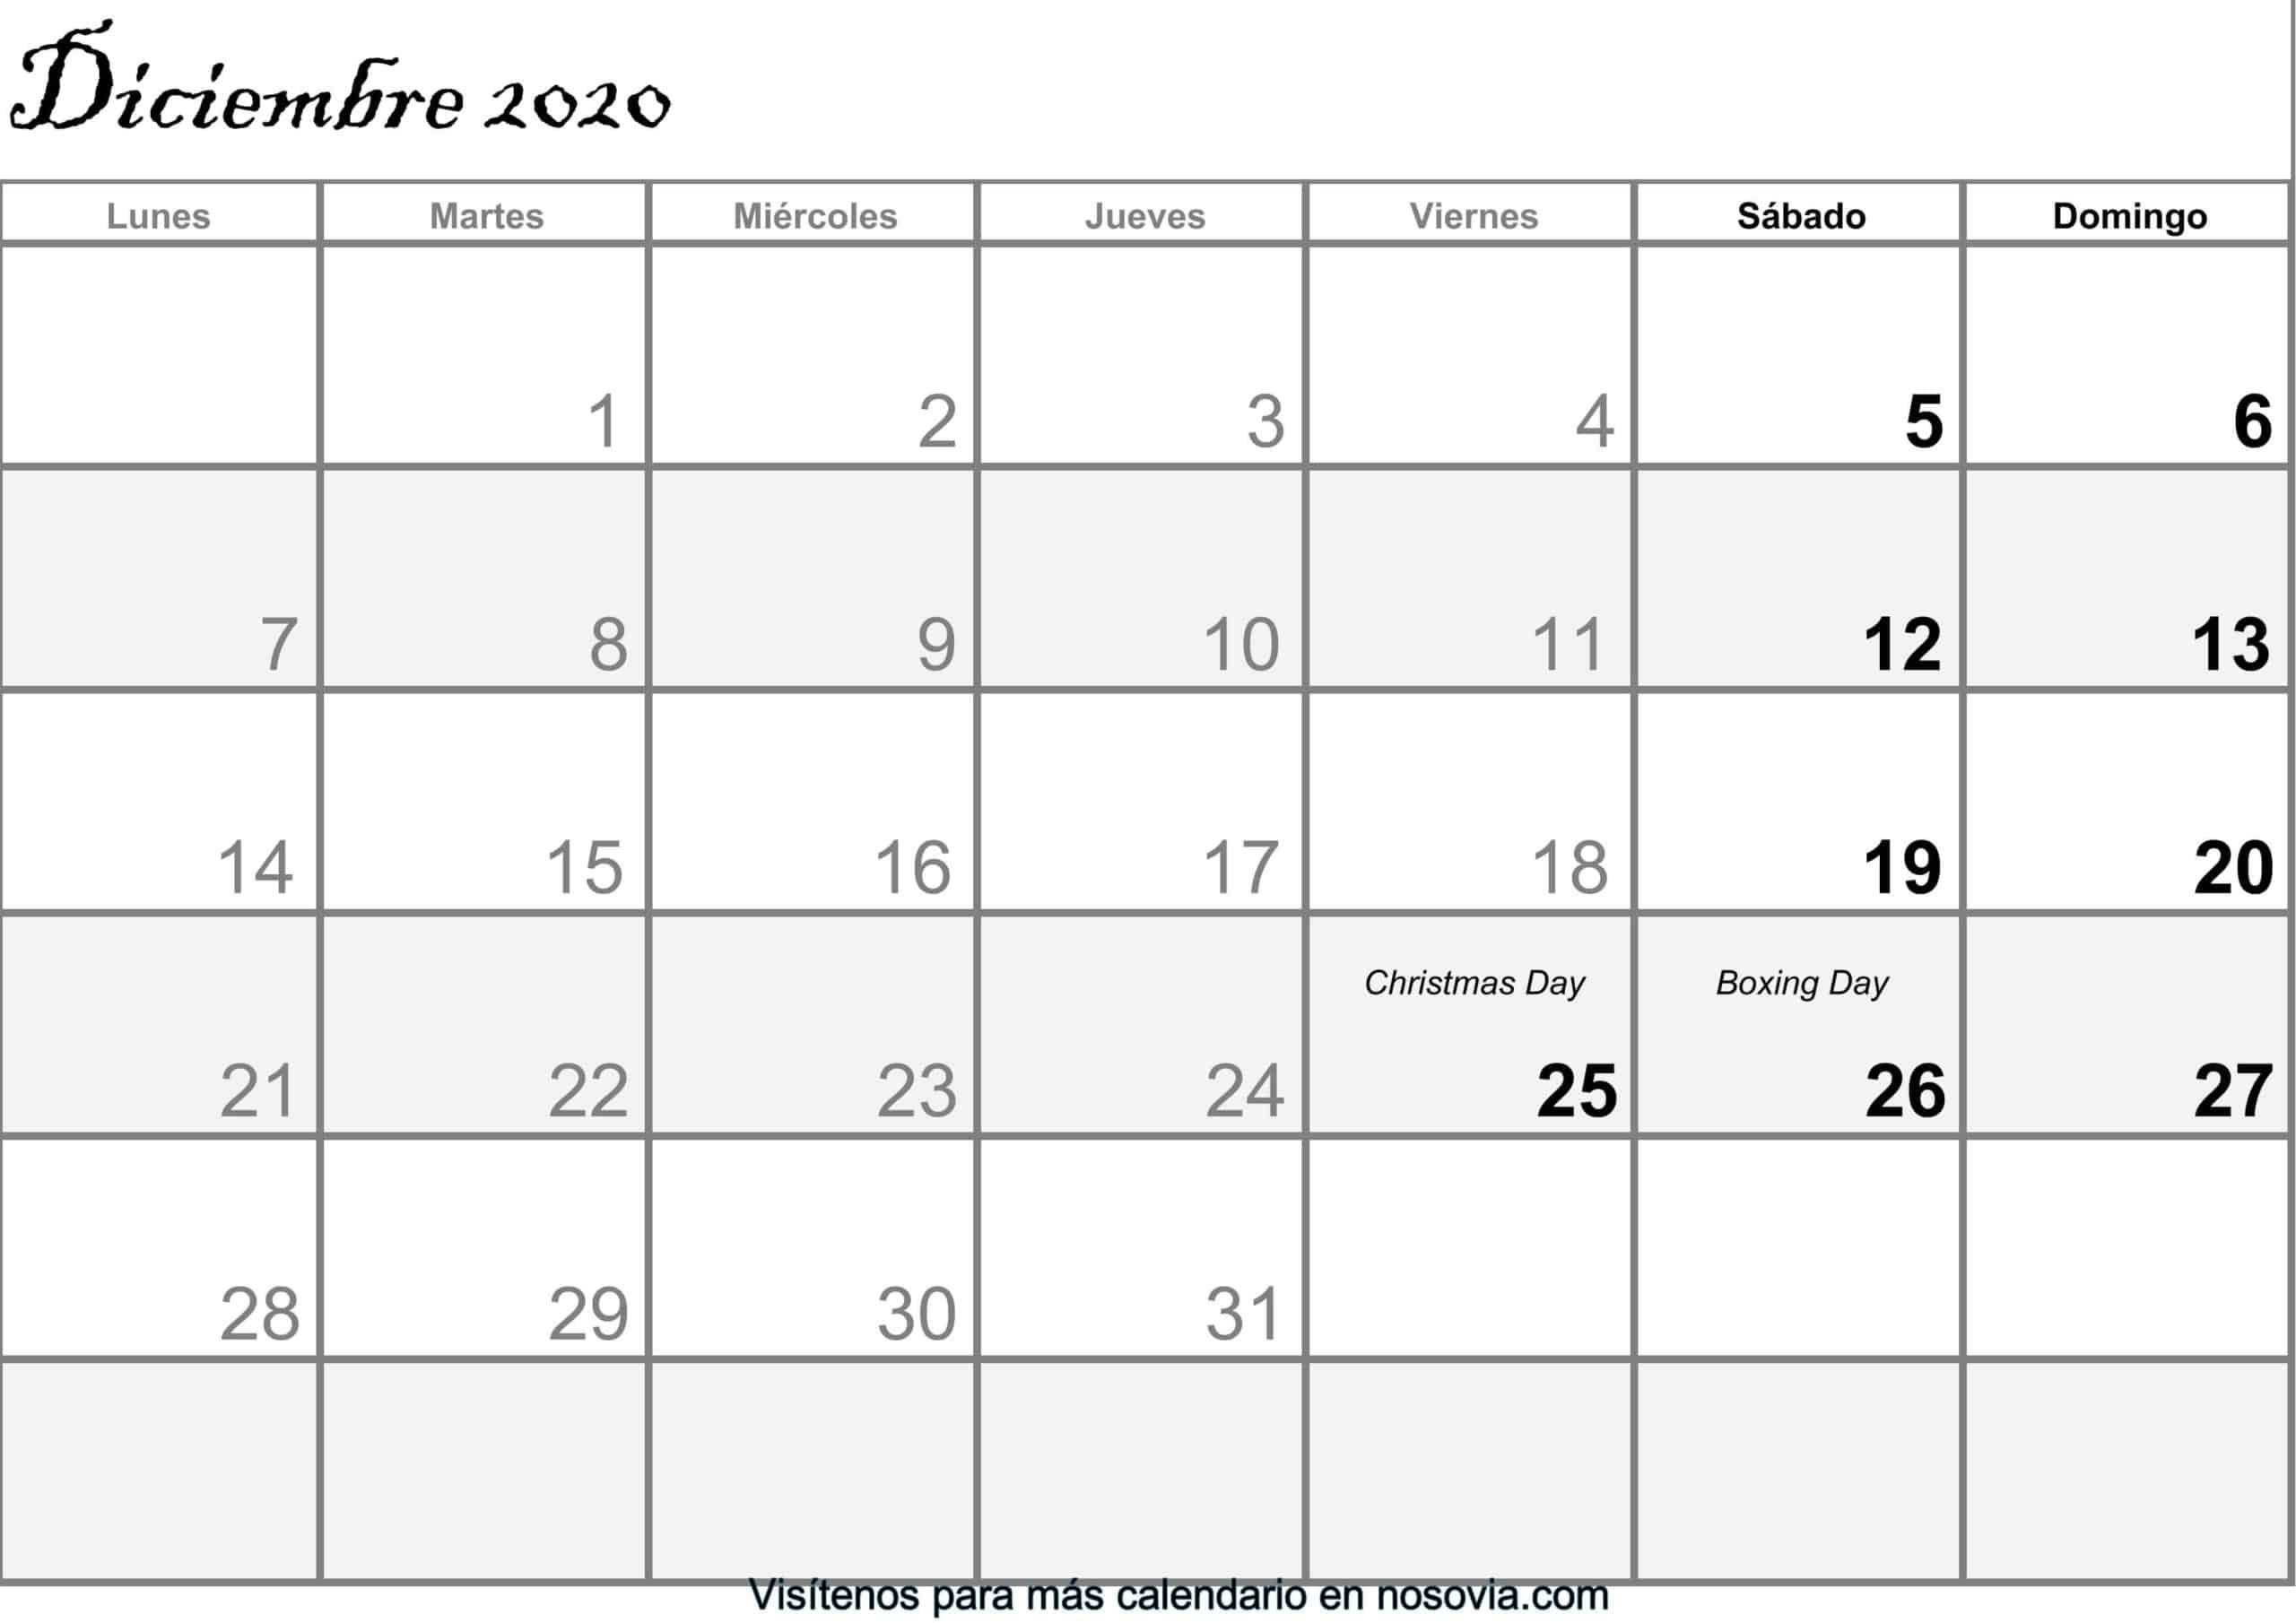 Calendario-diciembre-2020-Con-Festivos-PDF